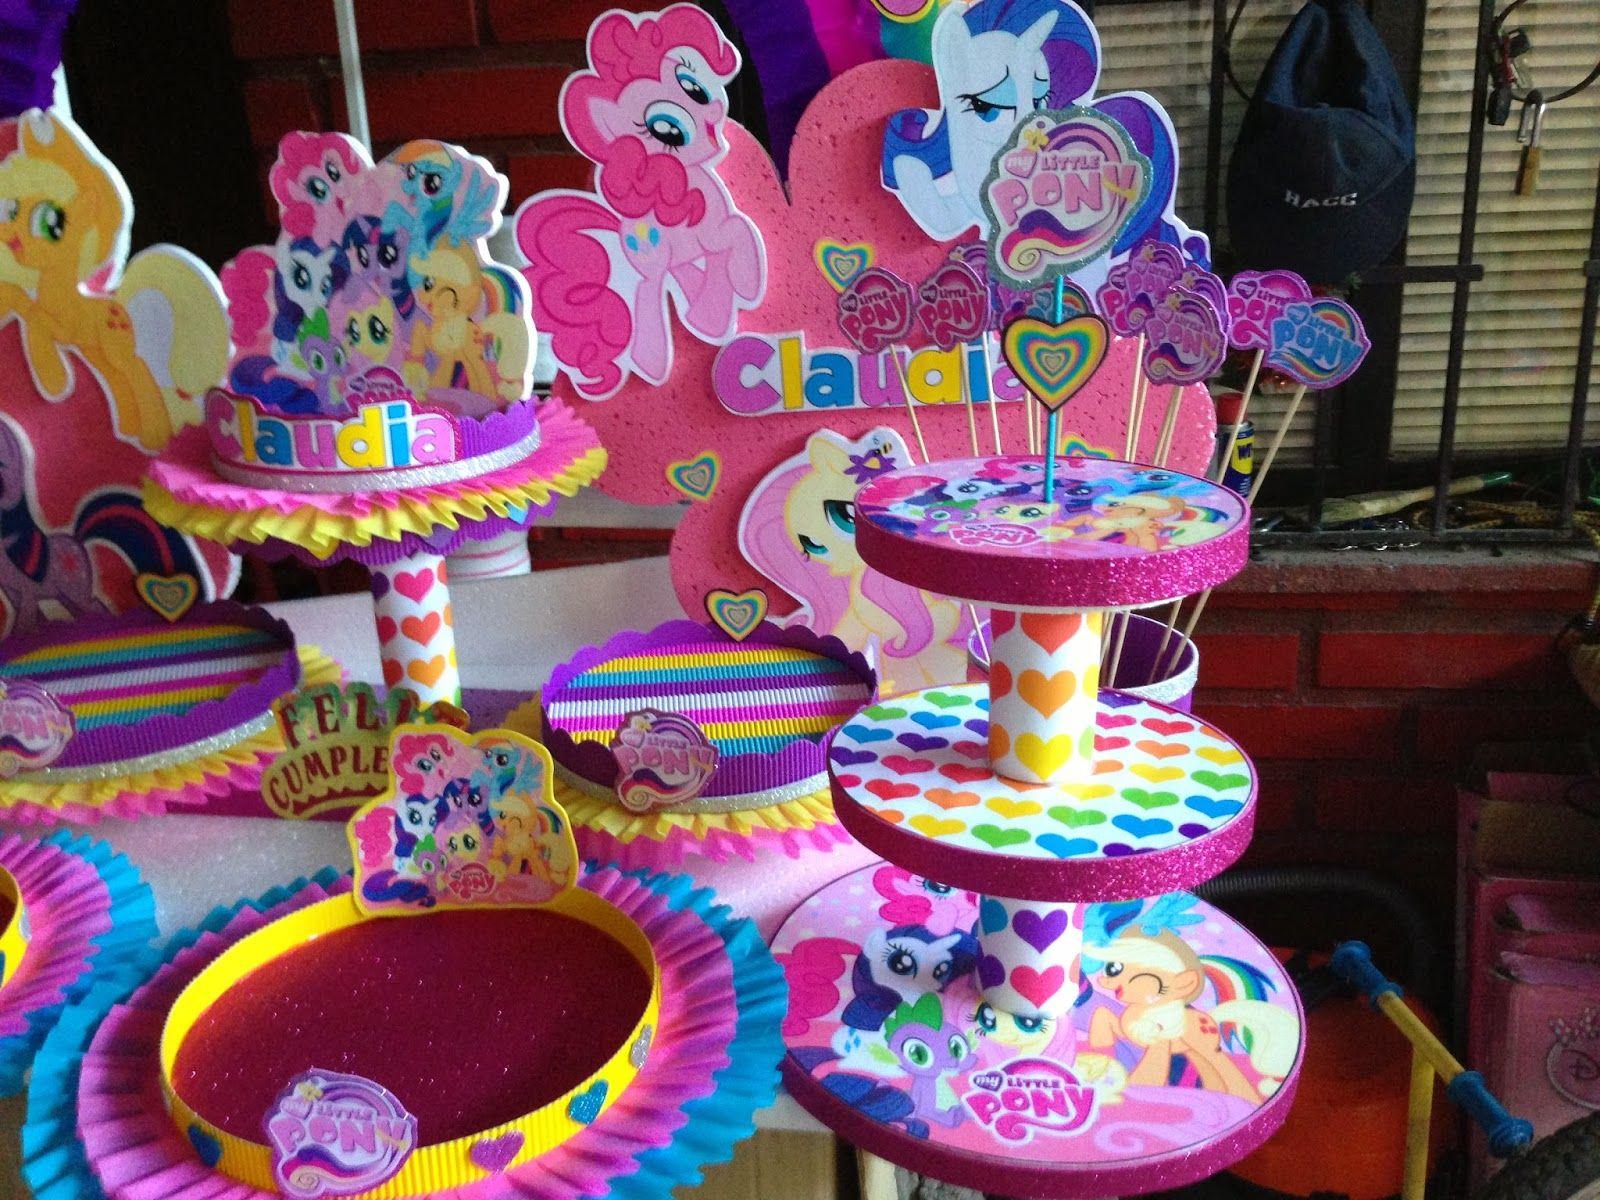 Decoraciones infantiles my little pony viole cumple for Decoracion de mesas dulces infantiles